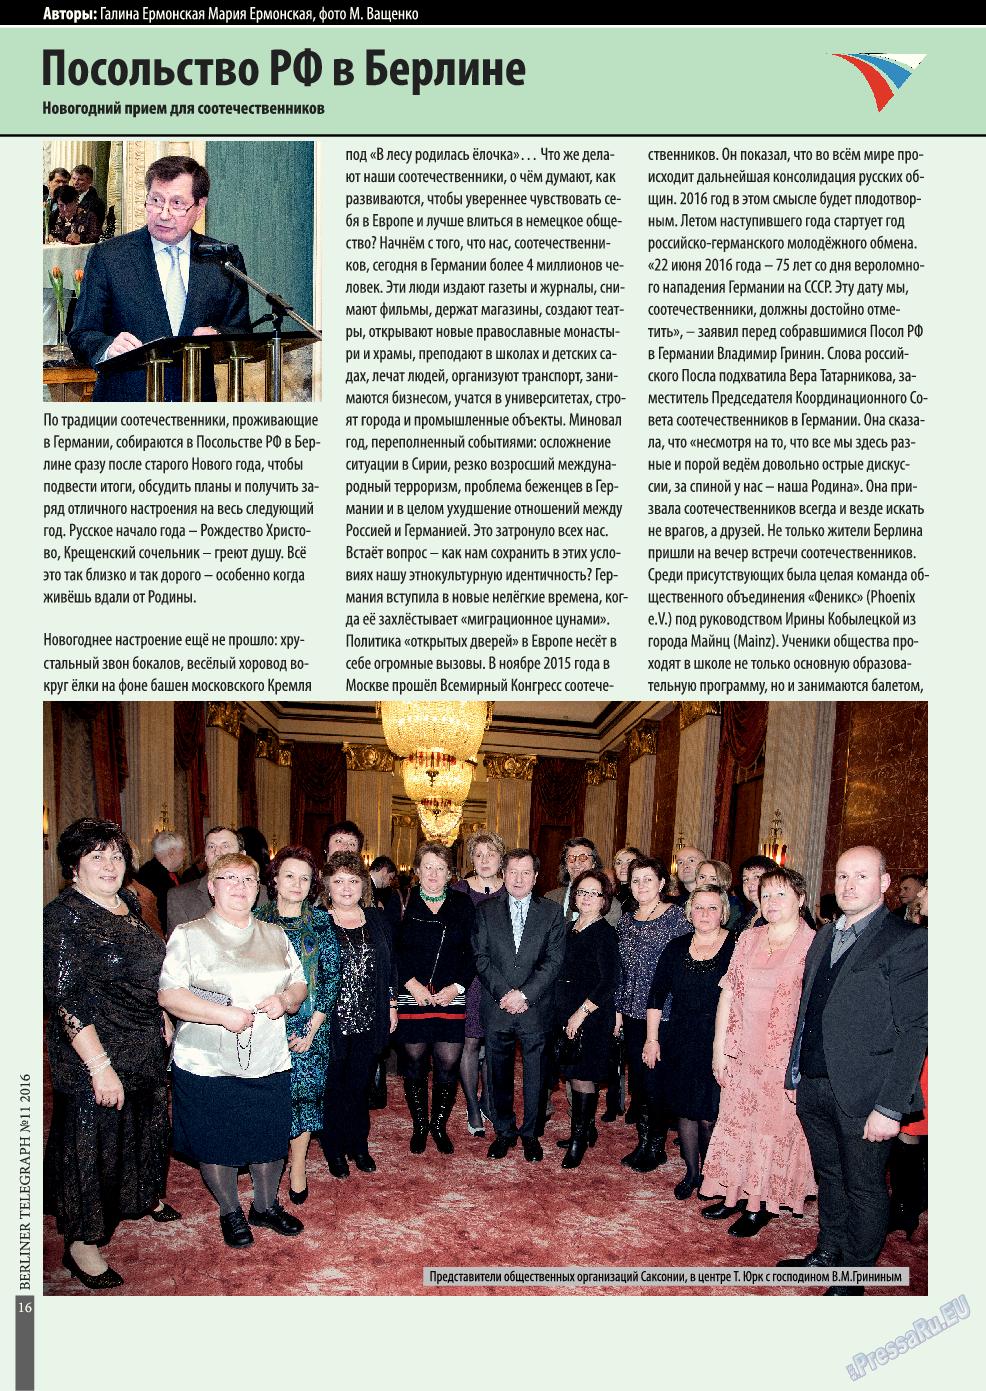 Берлинский телеграф (журнал). 2016 год, номер 11, стр. 16